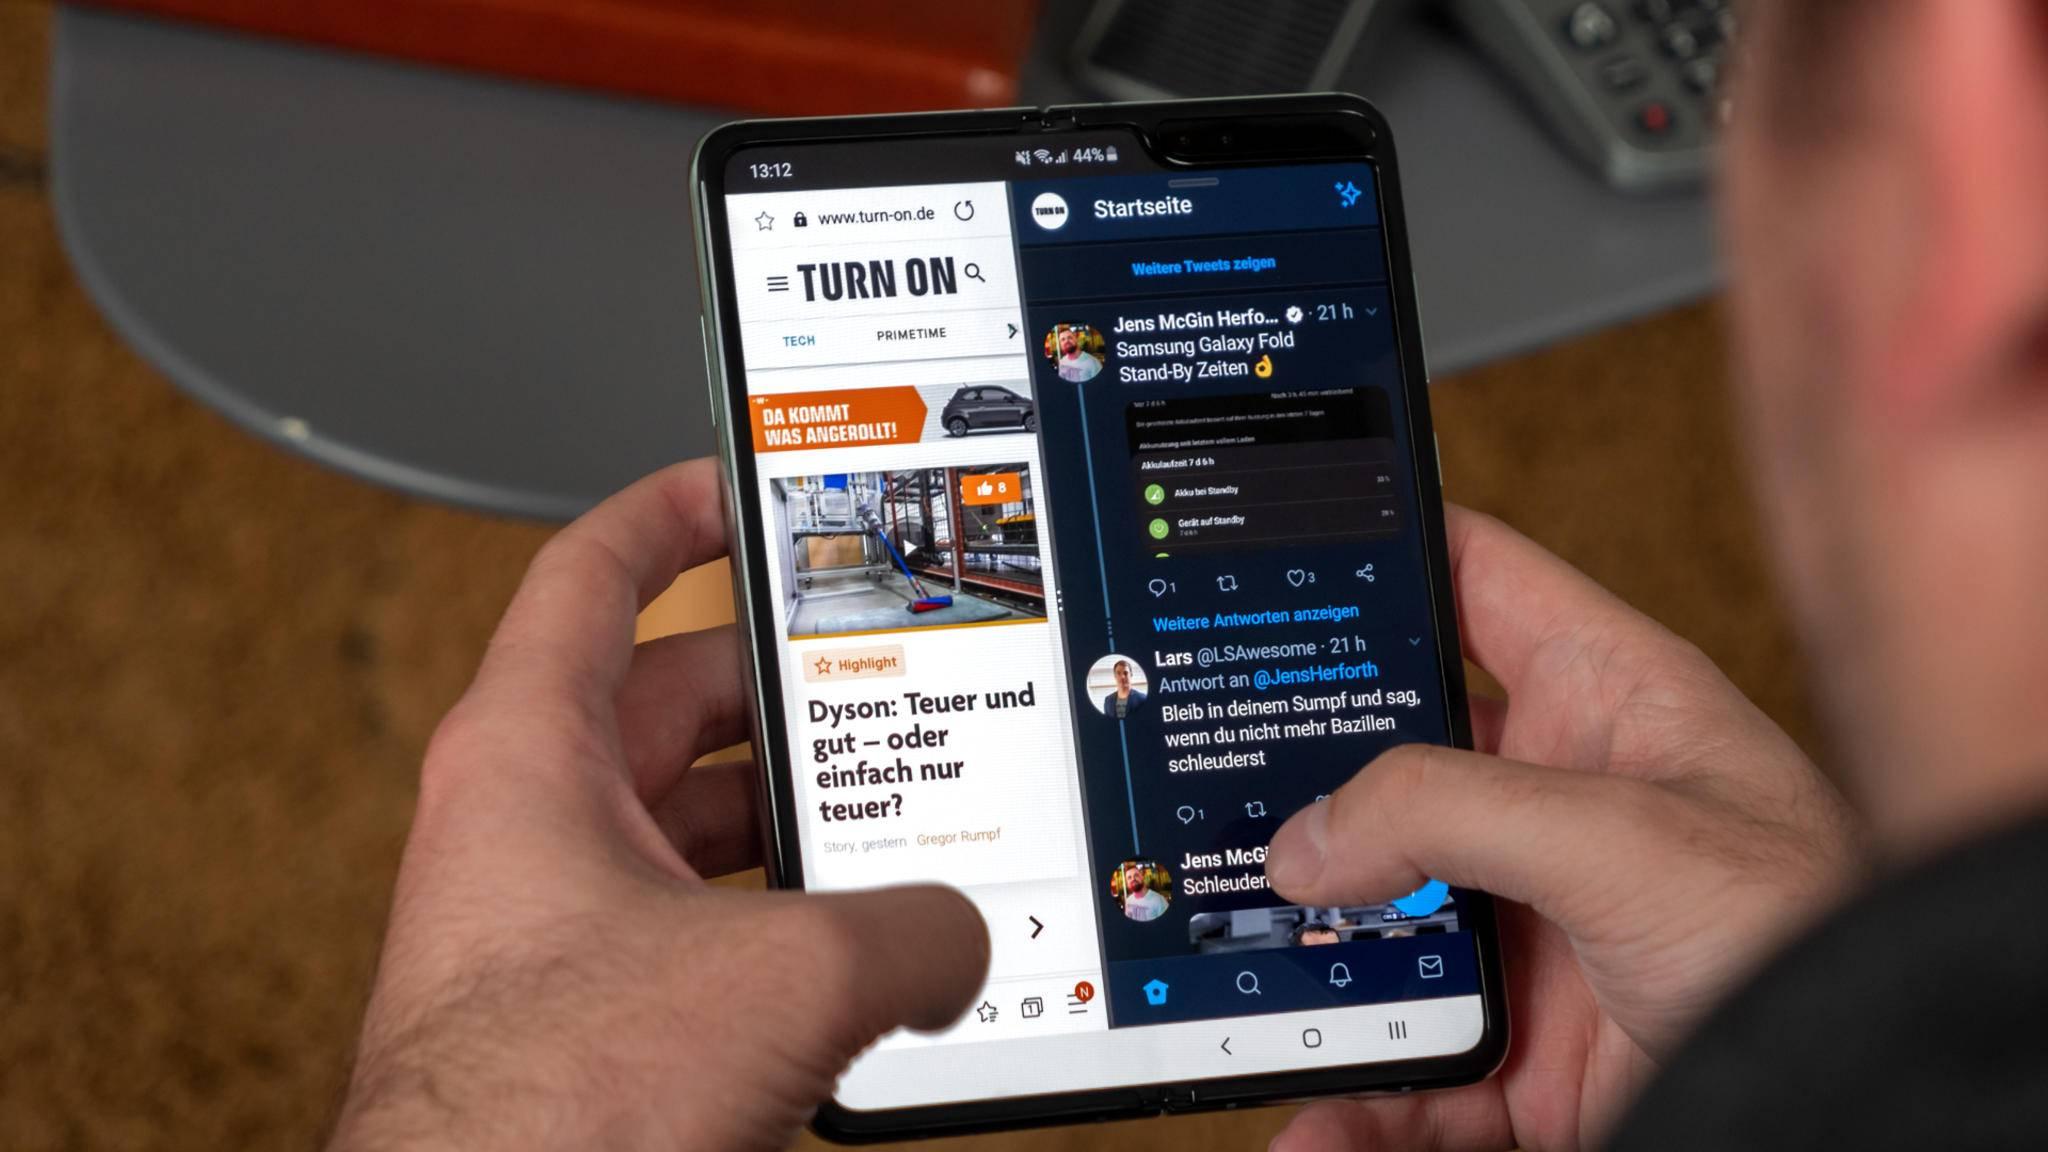 Der Nachfolger des Galaxy Fold (im Bild) soll wegen Problemen bei der Produktion noch etwas auf sich warten lassen.